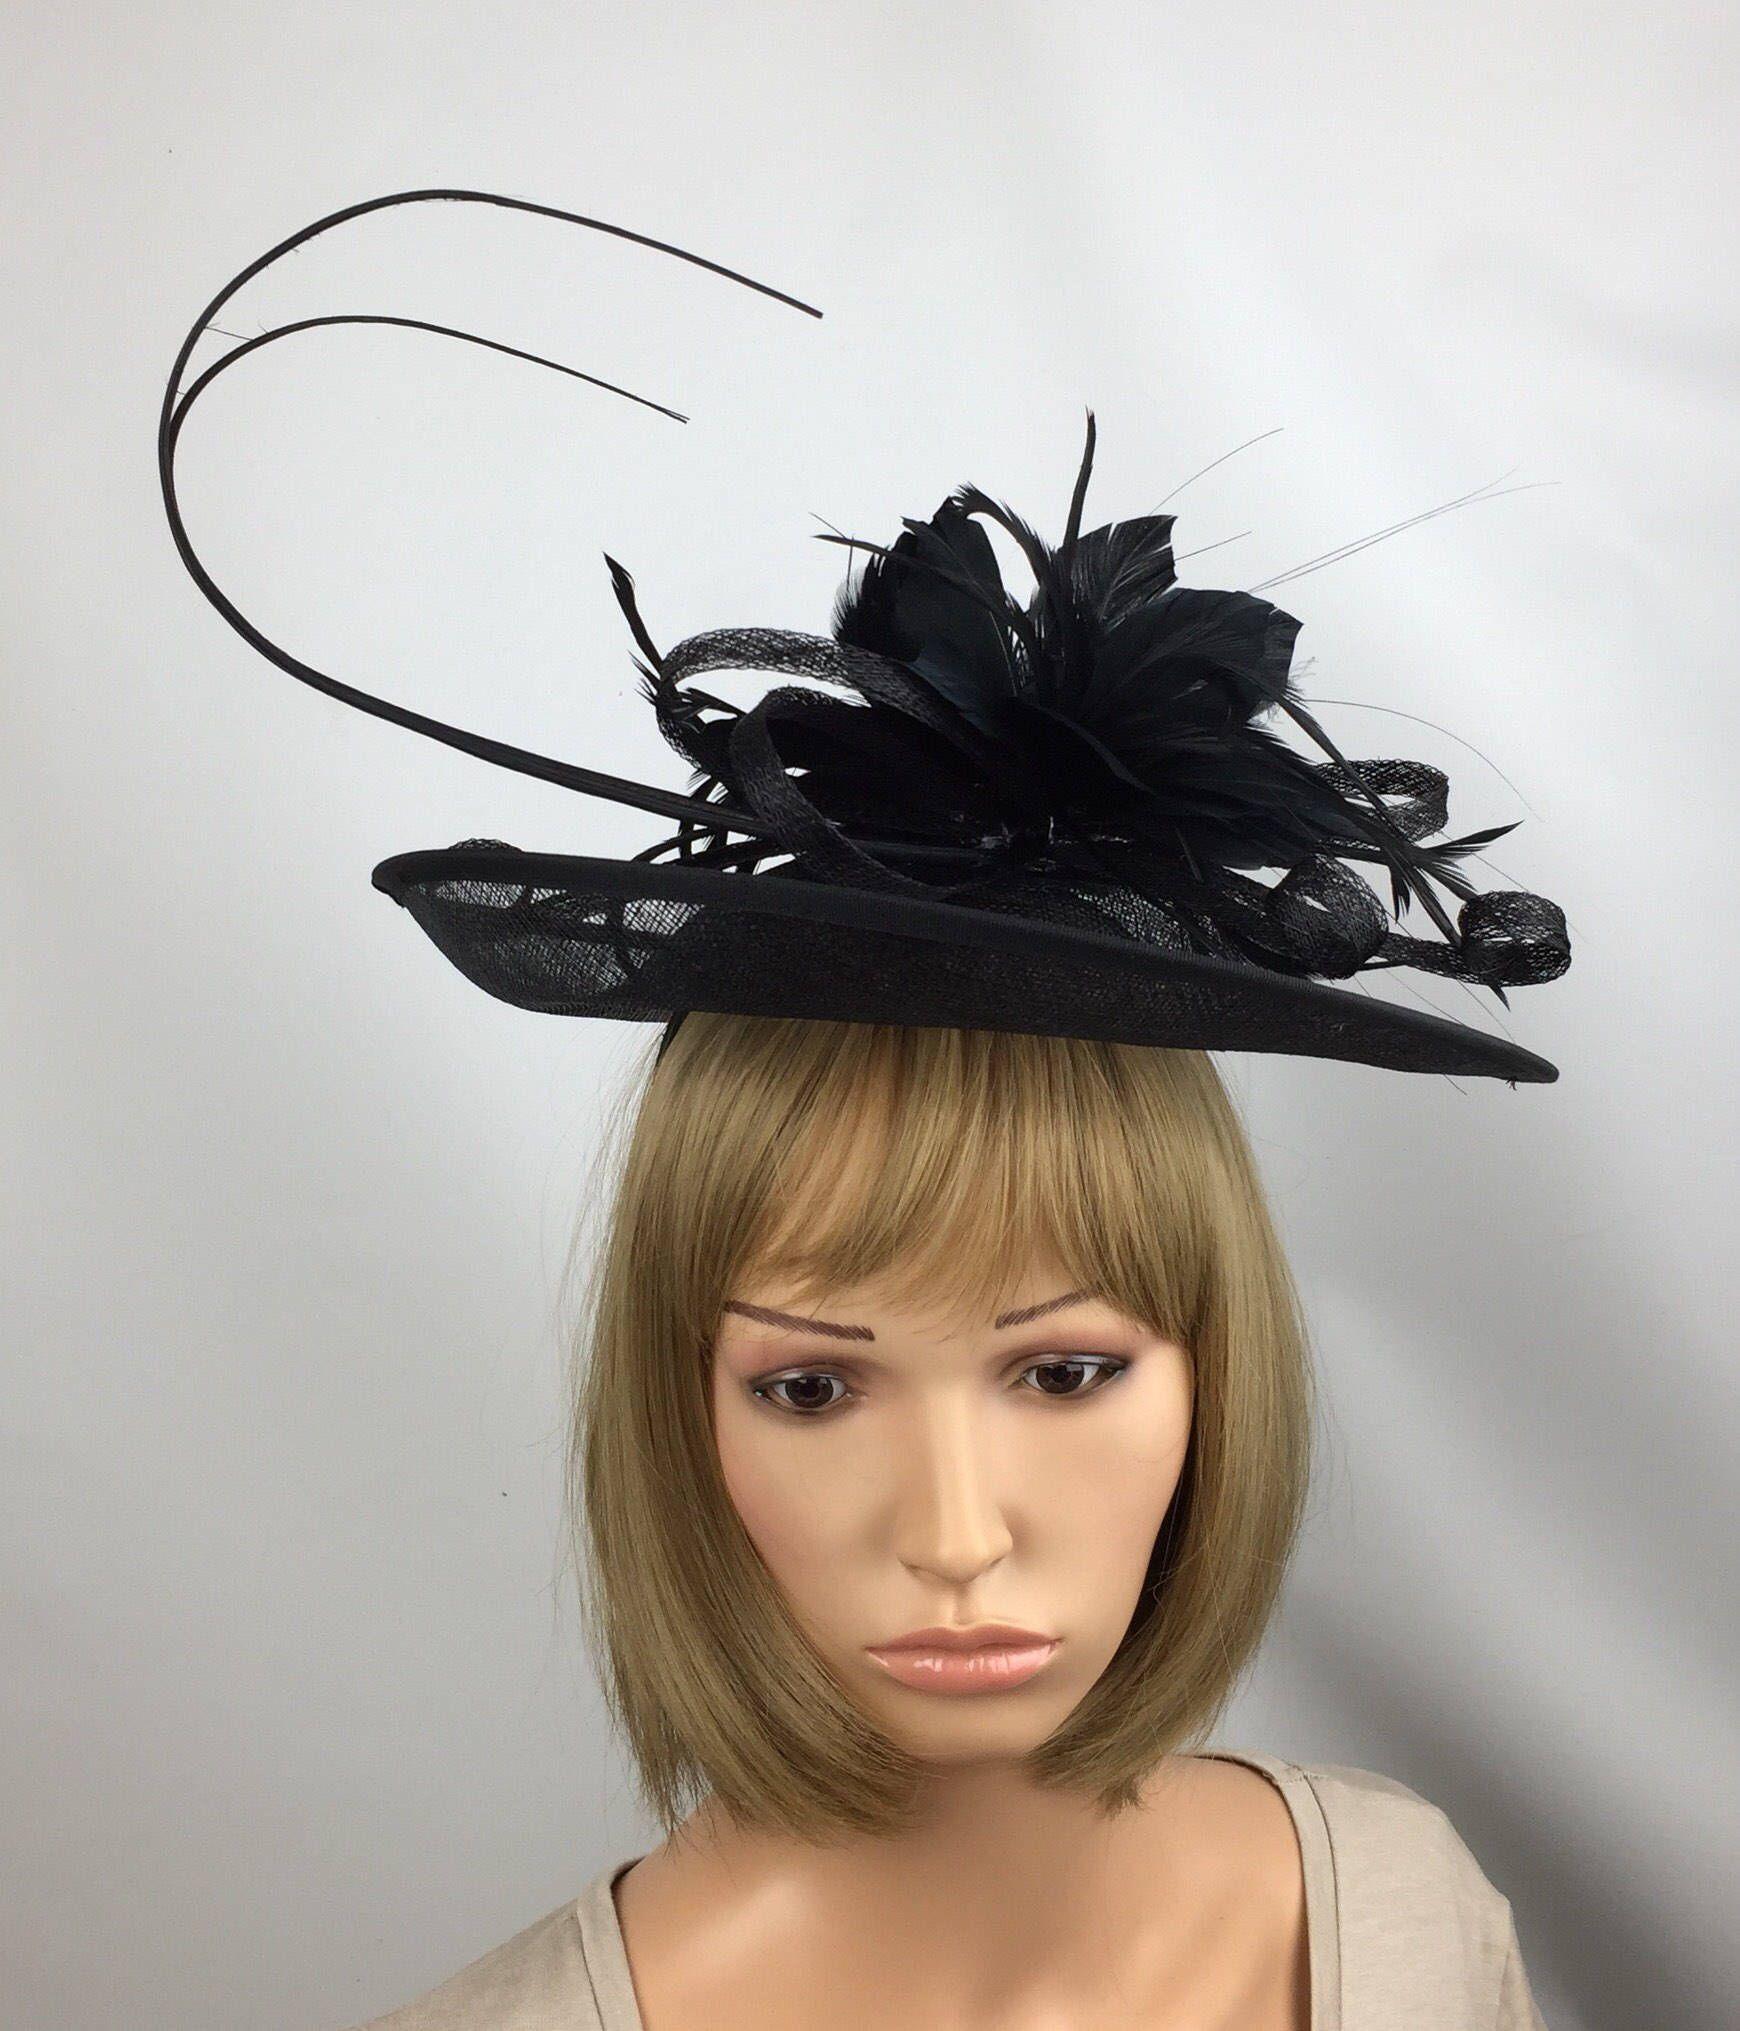 66cdb96f14e71 Black Fascinator Black Hatinator Mother of the Bride Hat Black hat ...